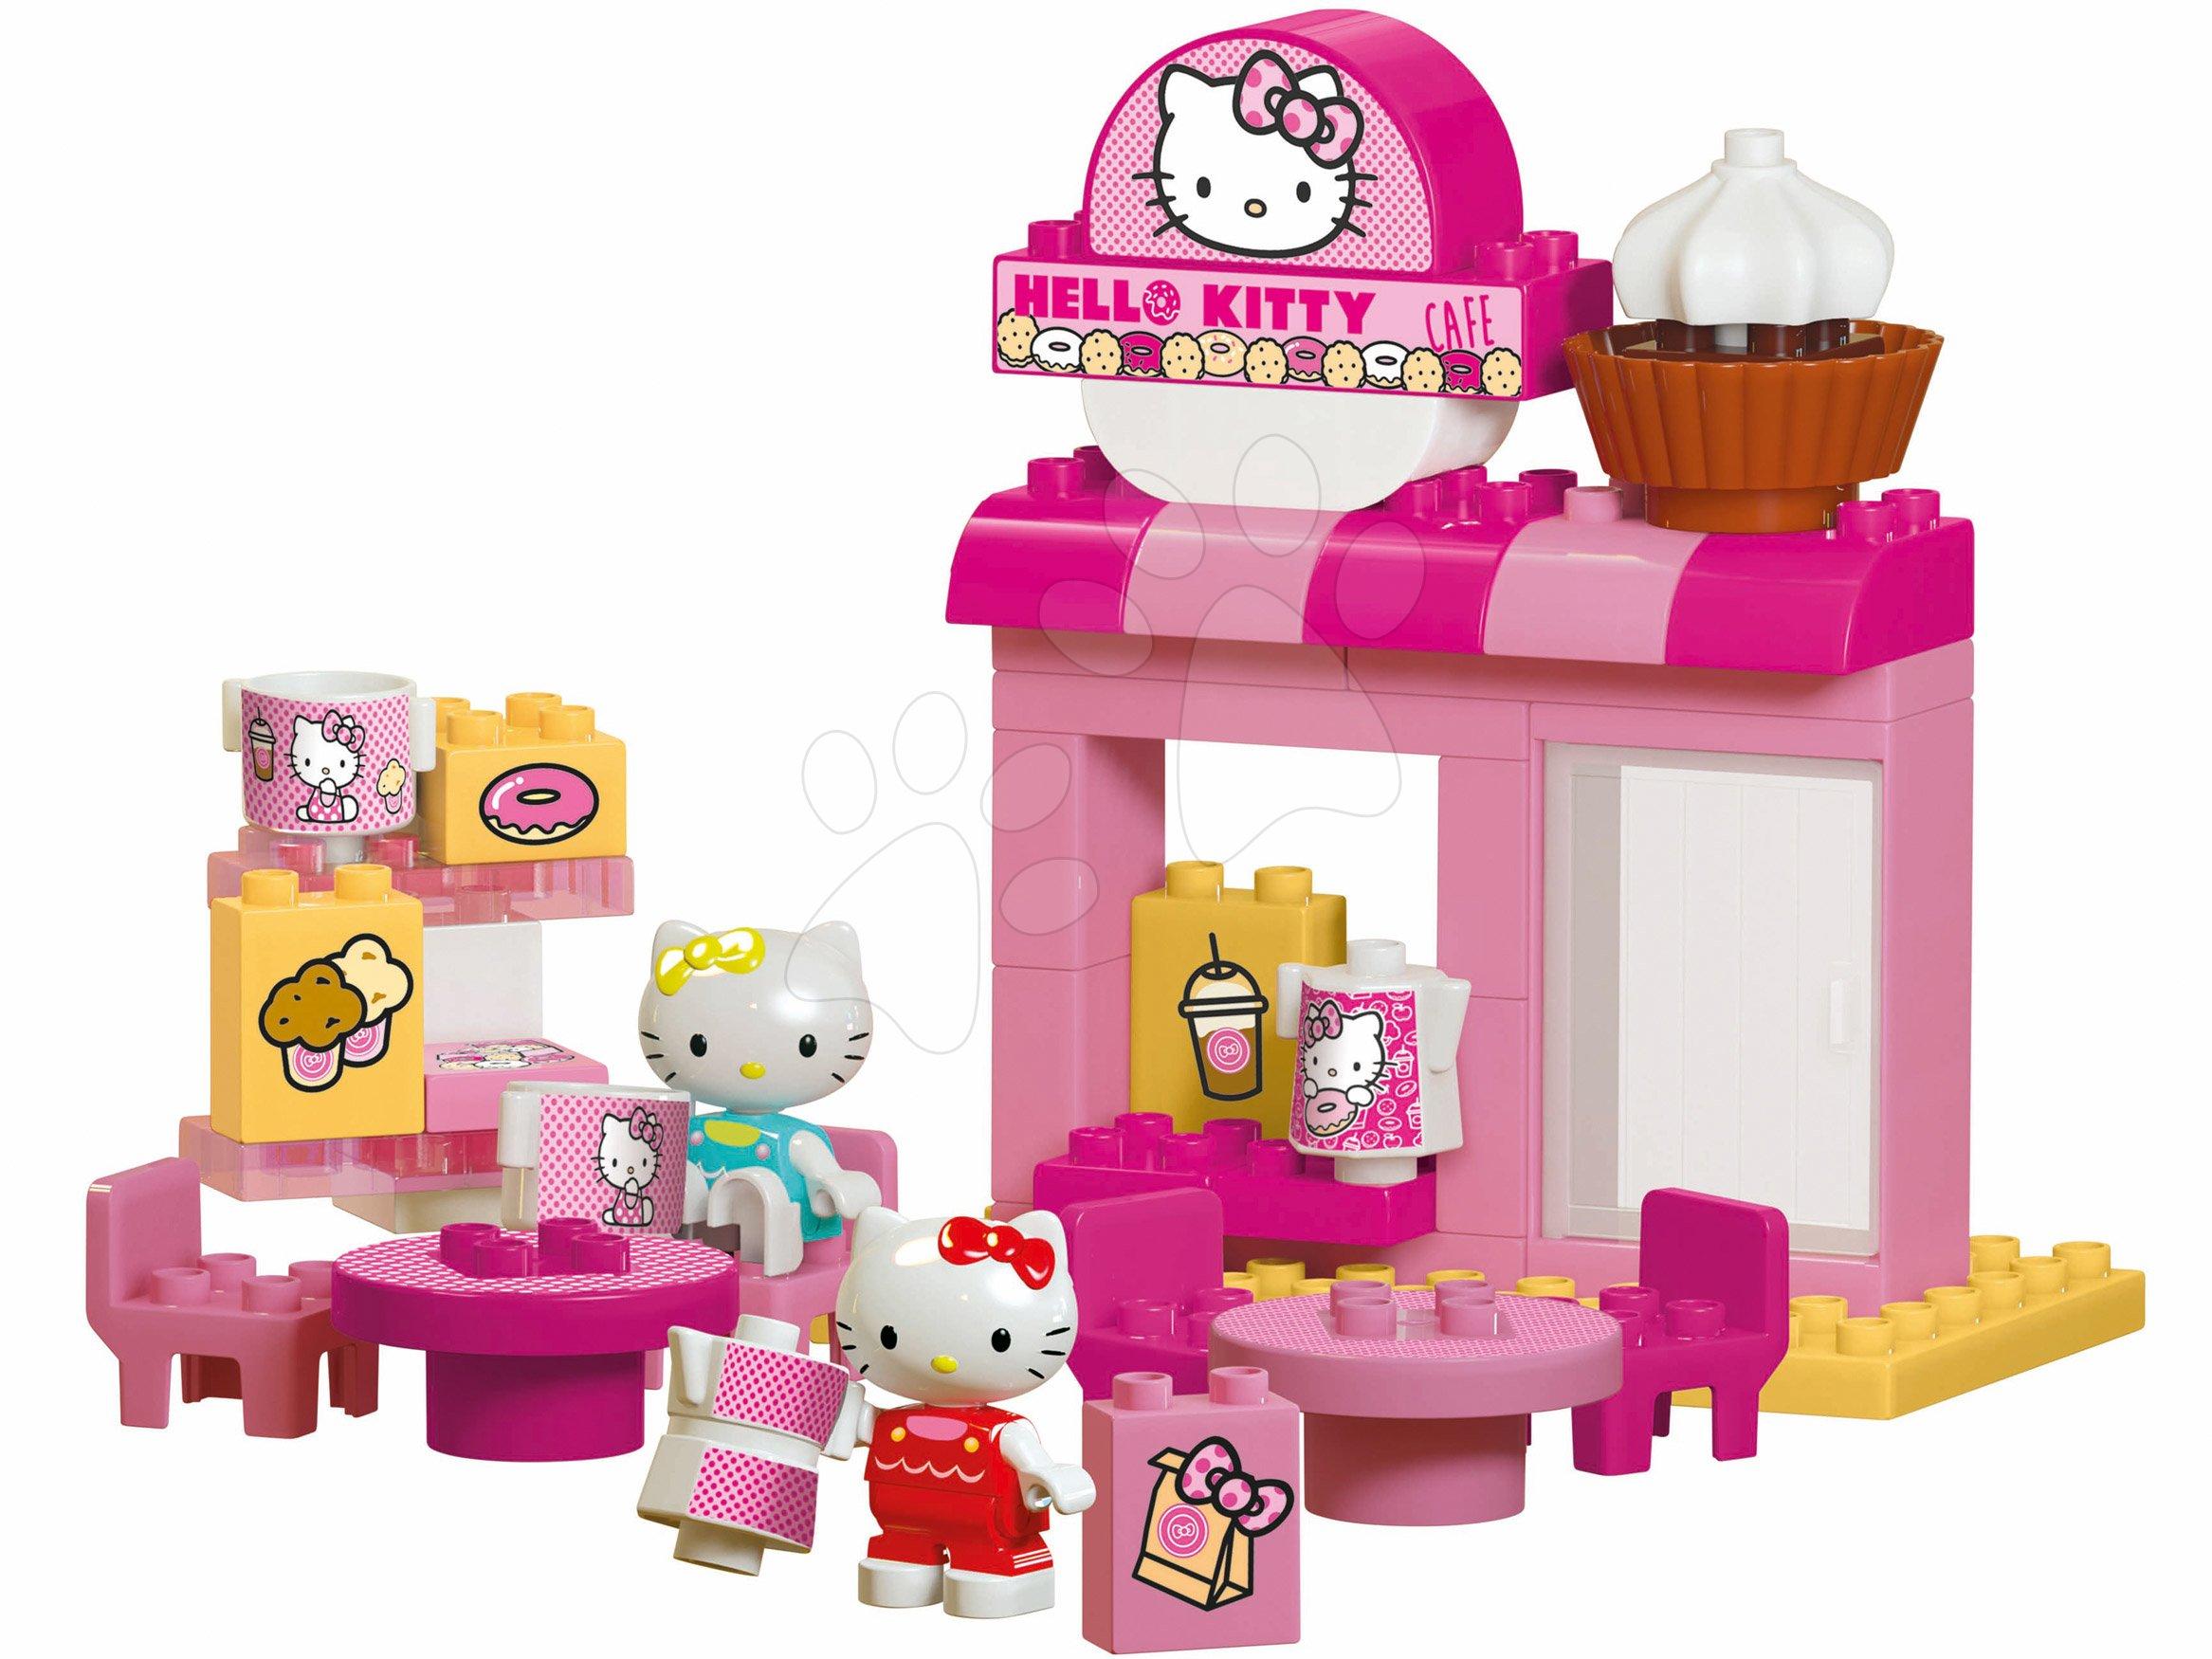 Stavebnice PlayBIG Bloxx Cafe BIG Hello Kitty v kavárně s kamarádkou 2 figurky 45 dílů od 18 měsíců